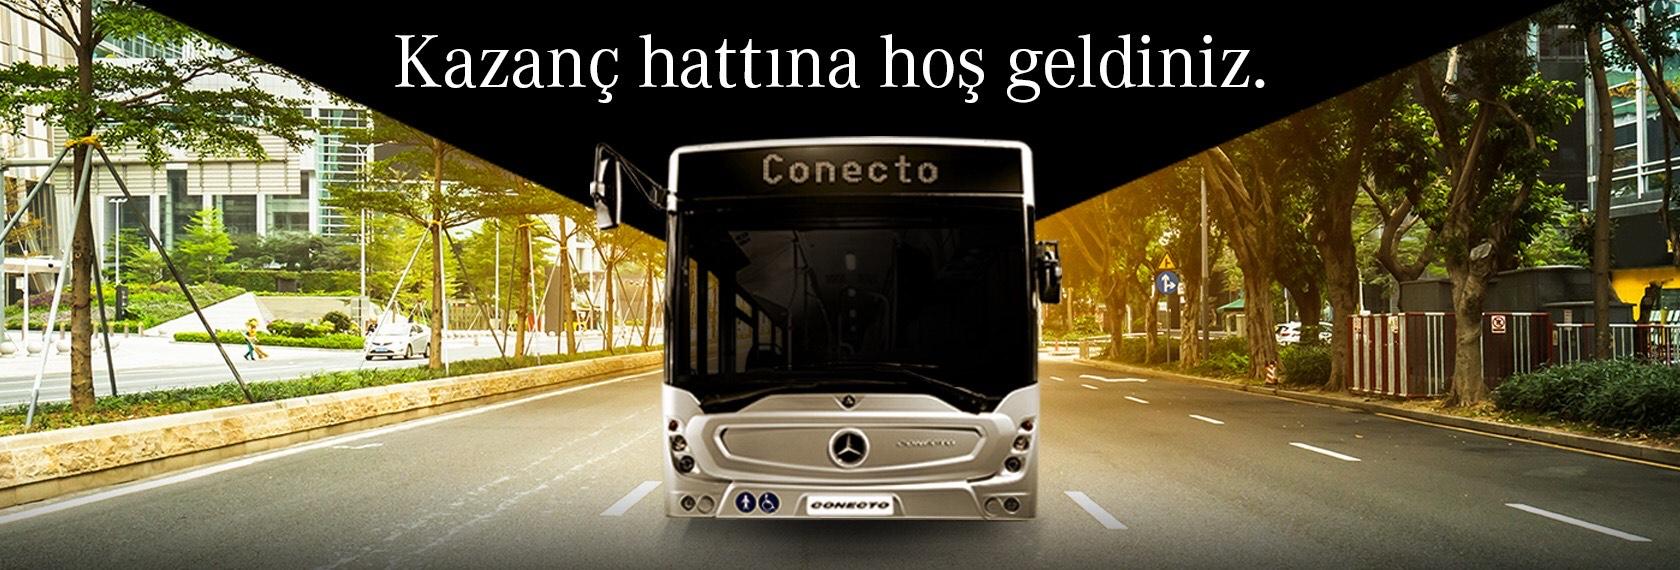 Mercedes Benz Conecto otobüs finans kampanyasý